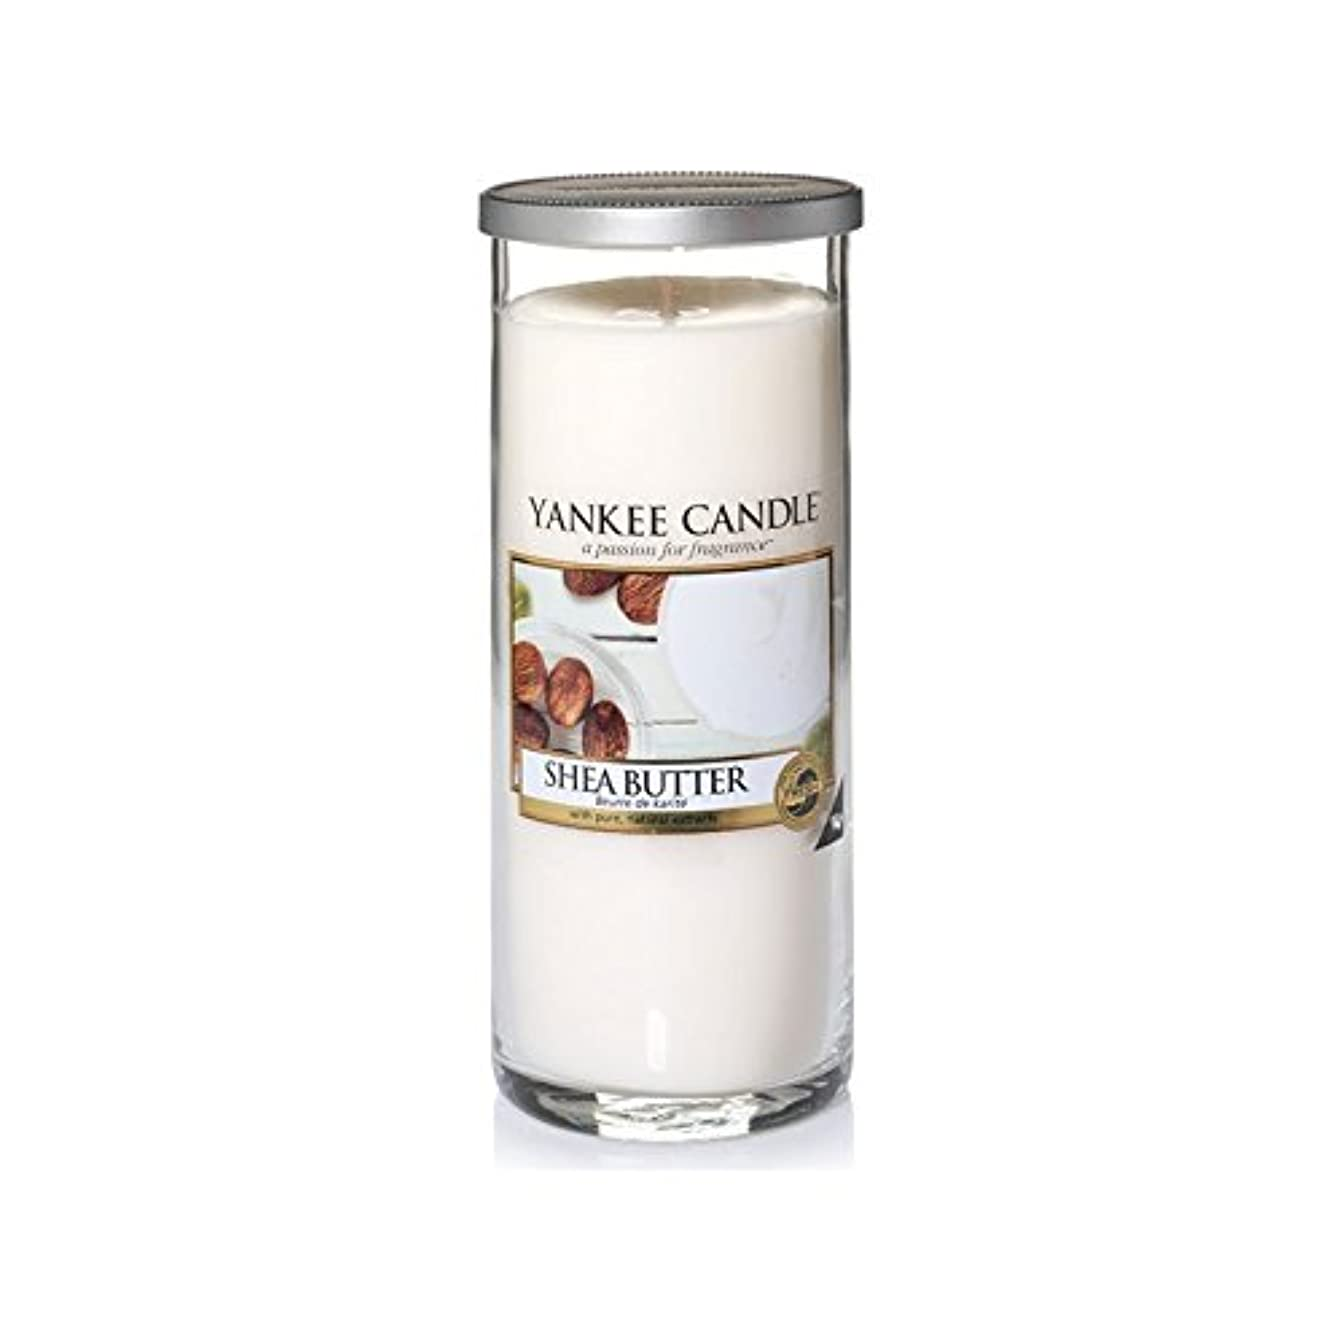 カポックハンカチ取るヤンキーキャンドル大きな柱キャンドル - シアバター - Yankee Candles Large Pillar Candle - Shea Butter (Yankee Candles) [並行輸入品]